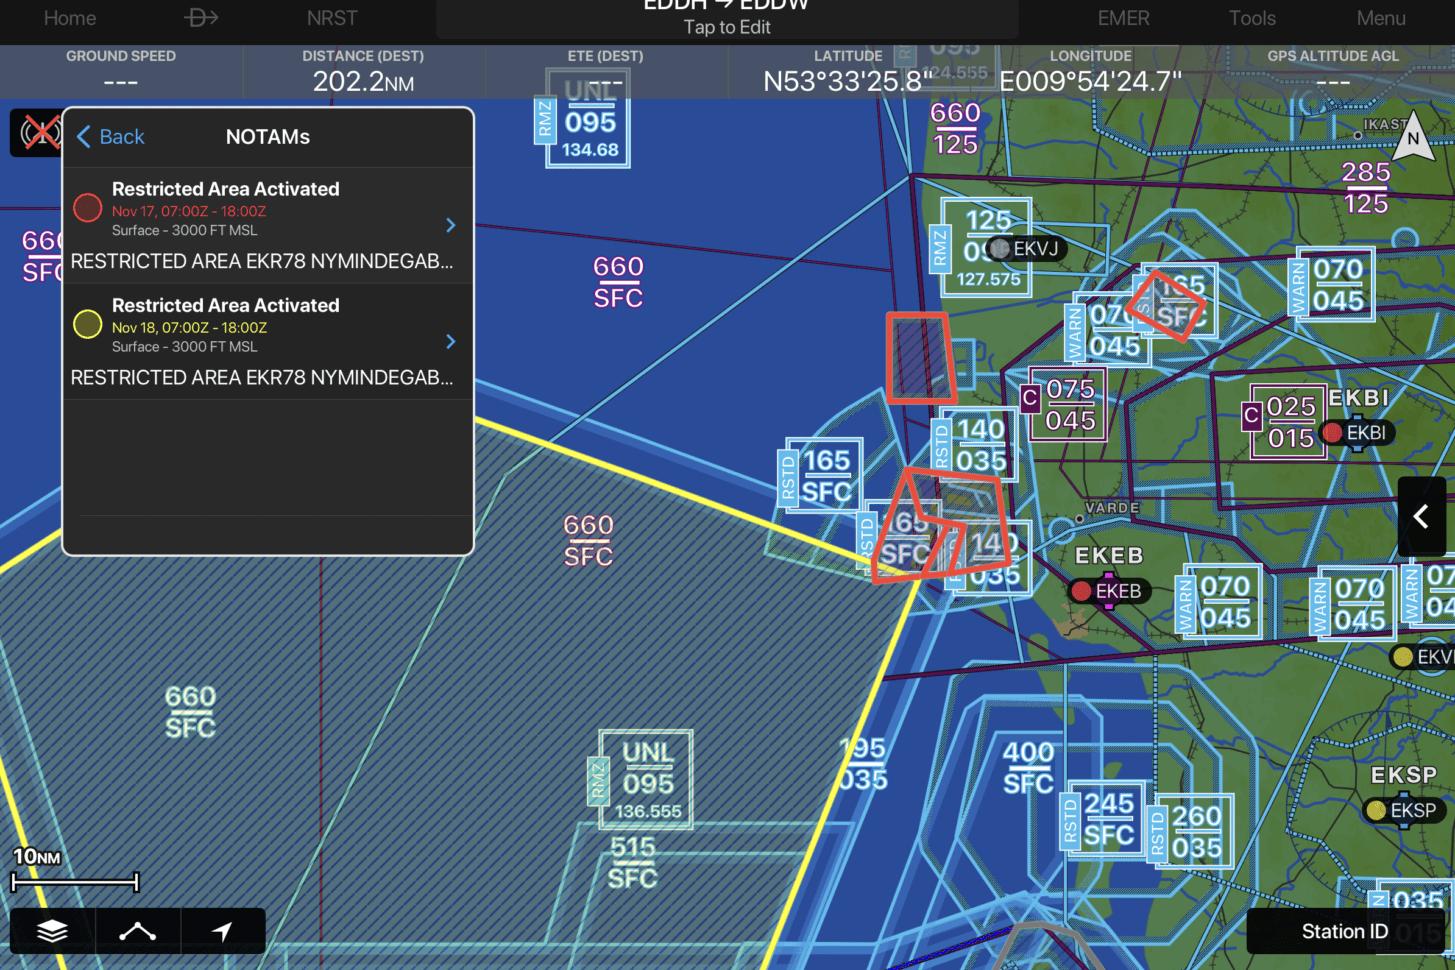 Garmin Pilot NOTAMs